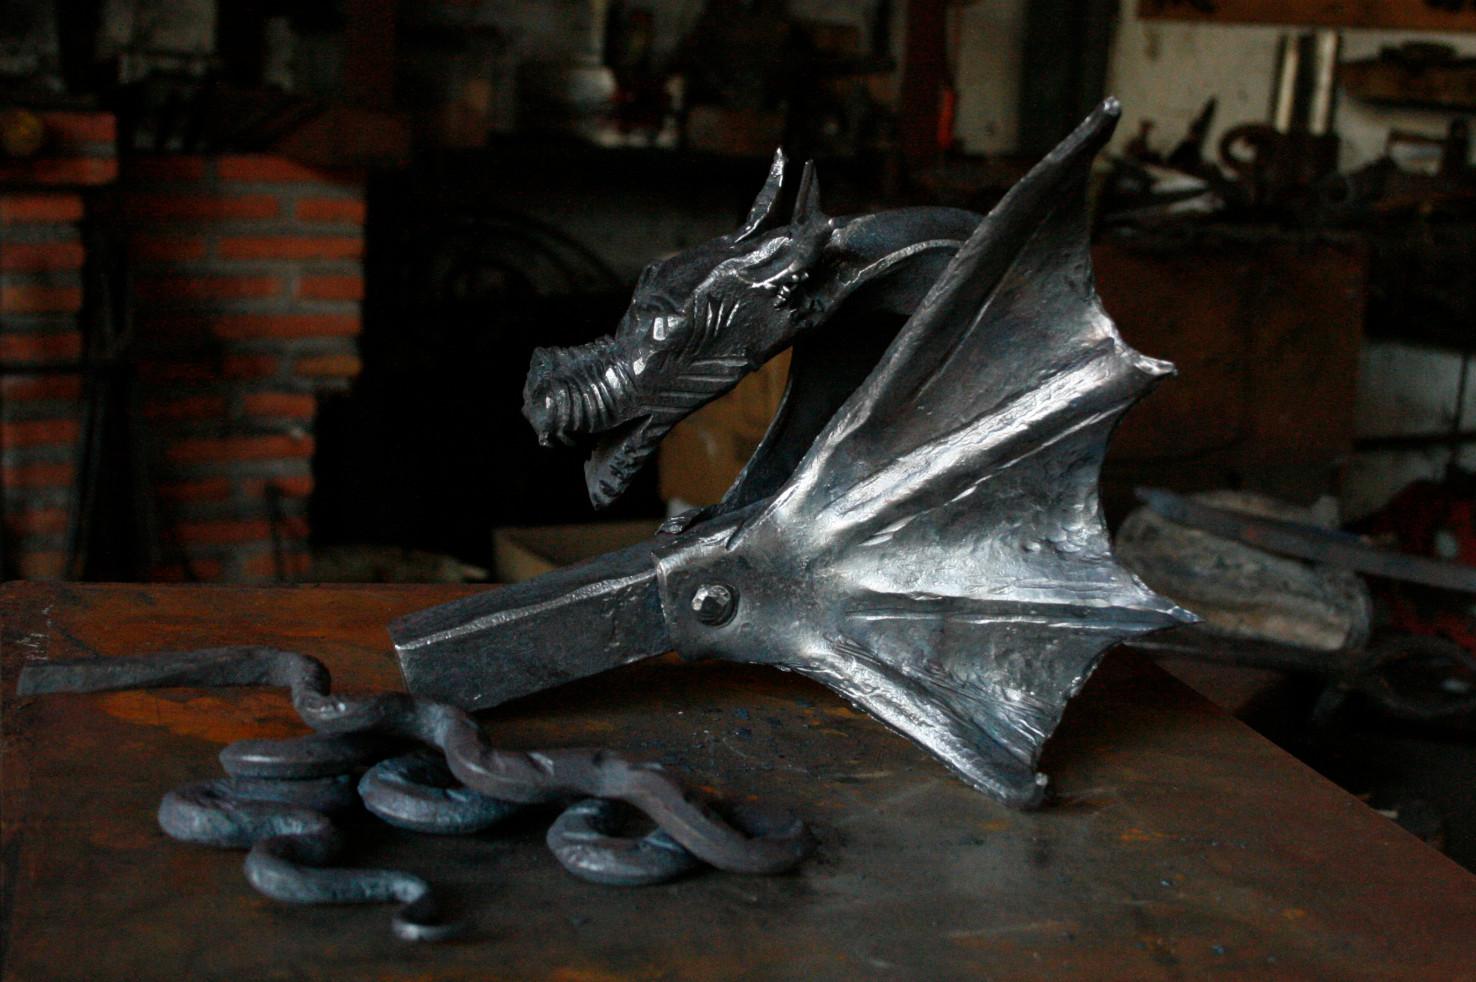 Dragón realizada por alumno del 1ºcurso de Forja Tradicional de la Escuela de Herreros